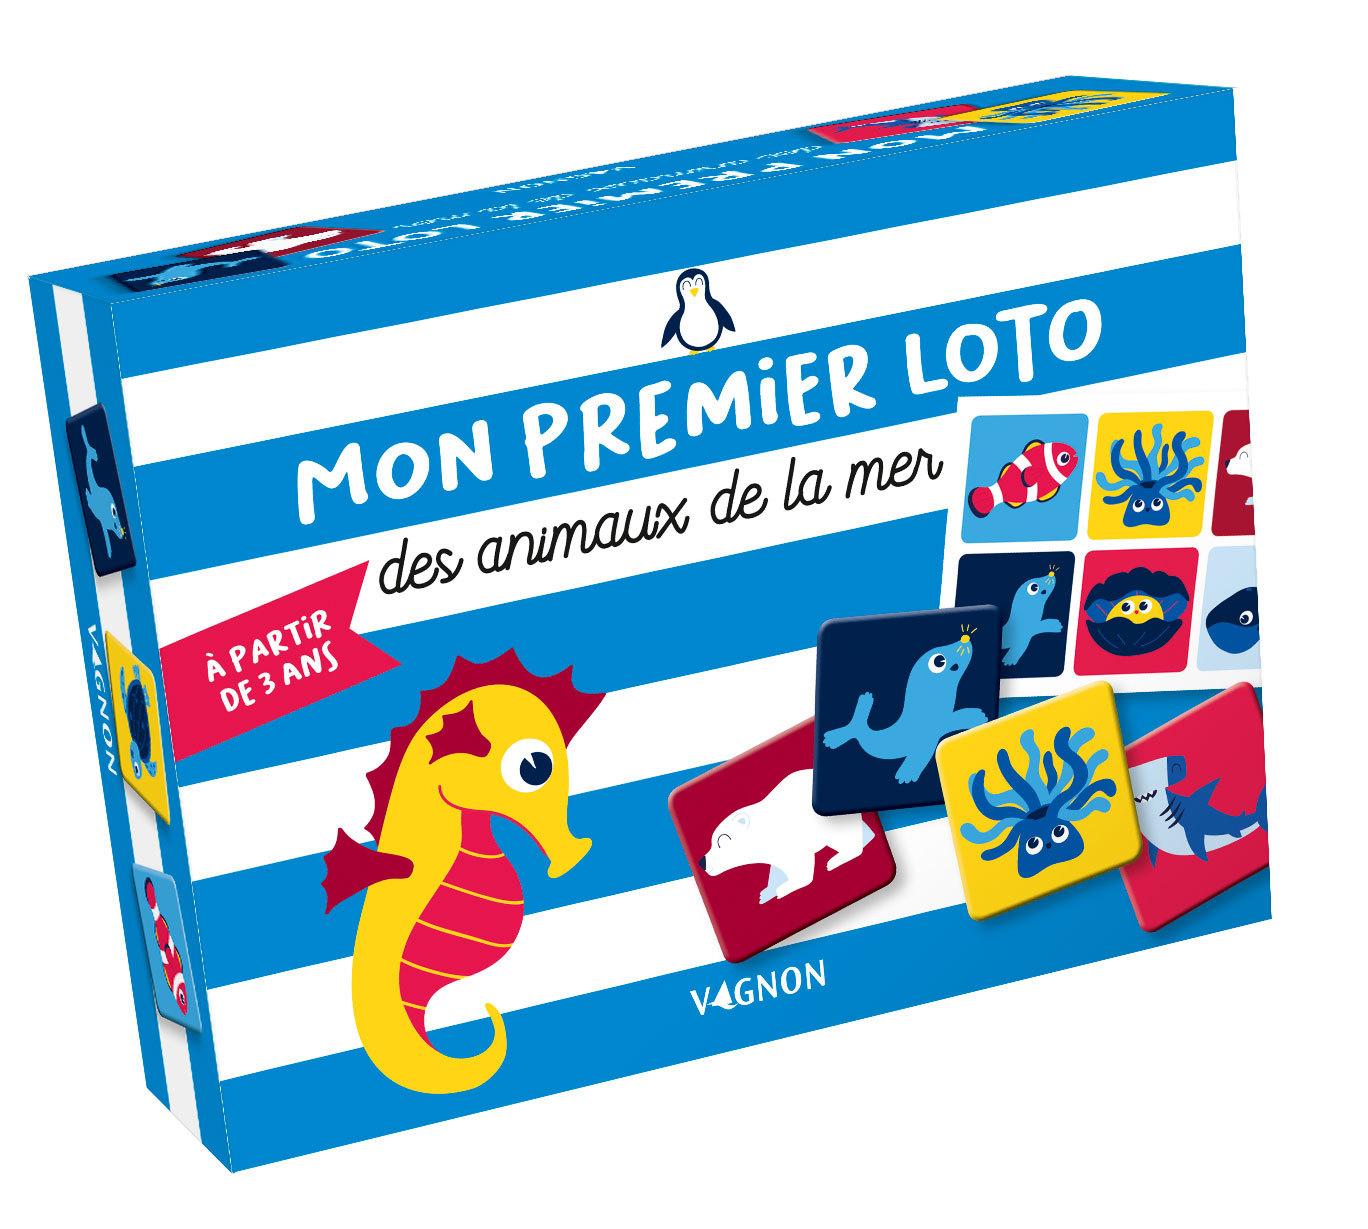 MON PREMIER LOTO DES ANIMAUX DE LA MER